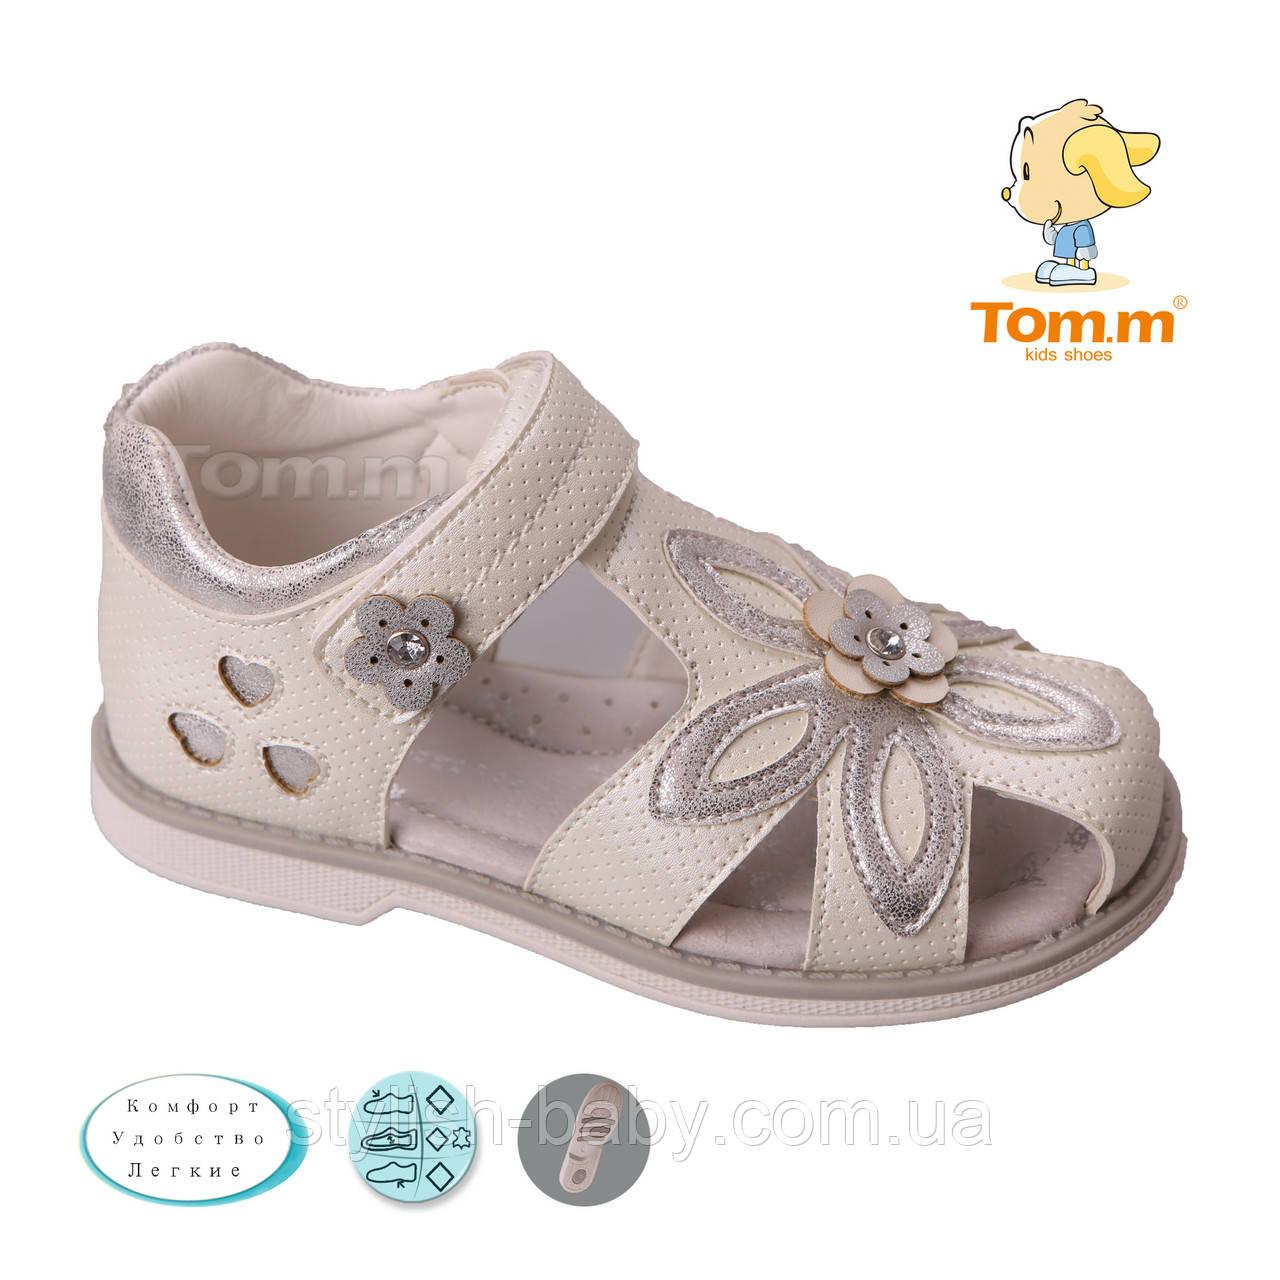 Детские босоножки оптом. Детская летняя обувь бренда Tom.m для девочек (рр. с 26 по 31)